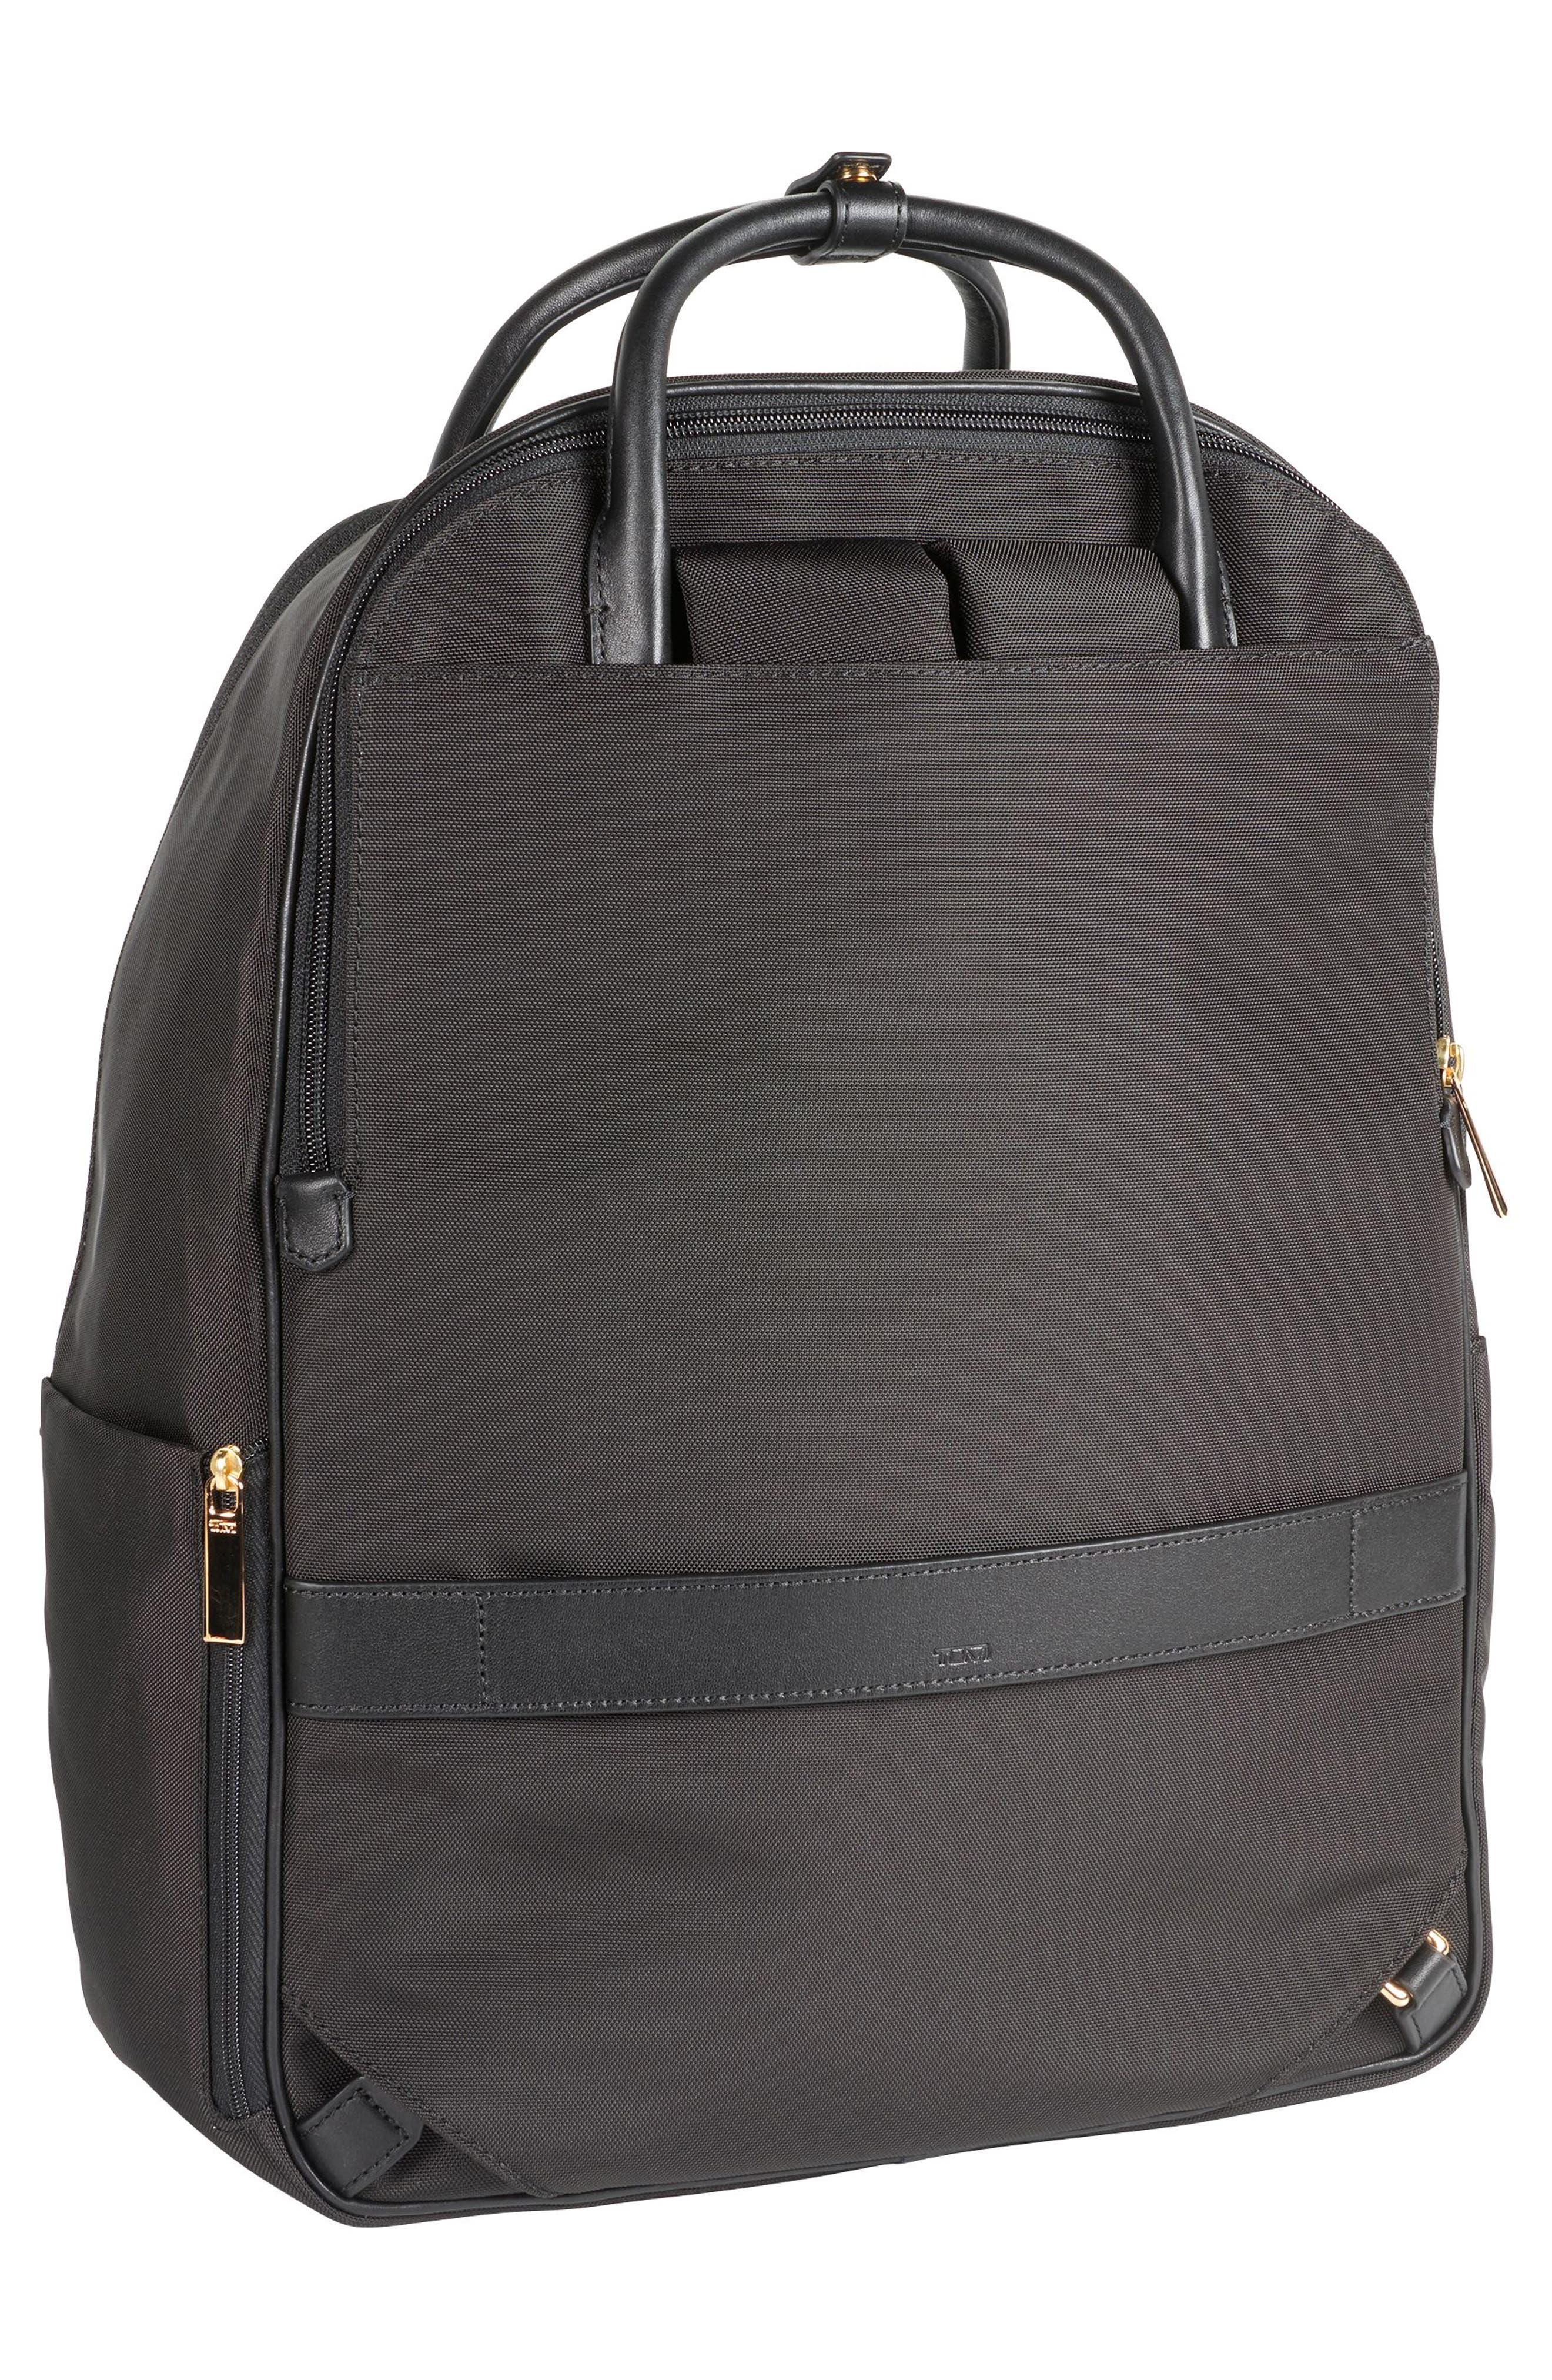 Larkin - Paterson Convertible Nylon Backpack,                             Alternate thumbnail 4, color,                             Black